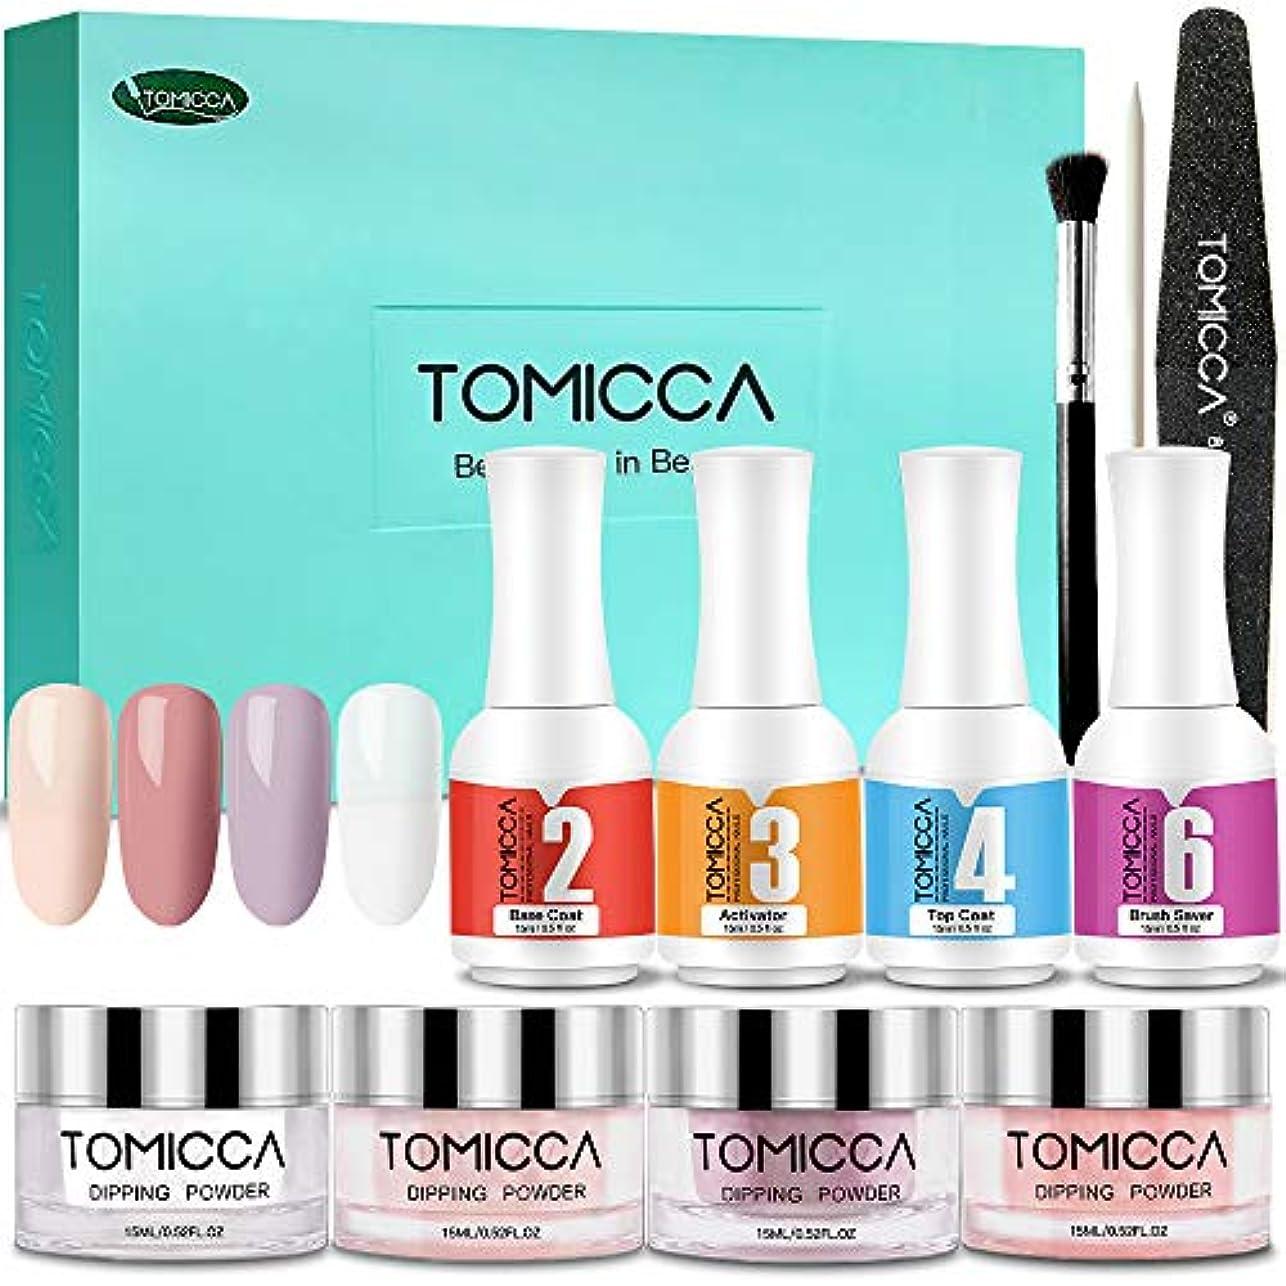 排出尊敬期待してTOMICCA パウダーマニキュア ネイルパウダー 4色セット 15g UV*LED ライト不要 初心者適用 色付け簡単 人気 アメリカ流行 (ピンク)